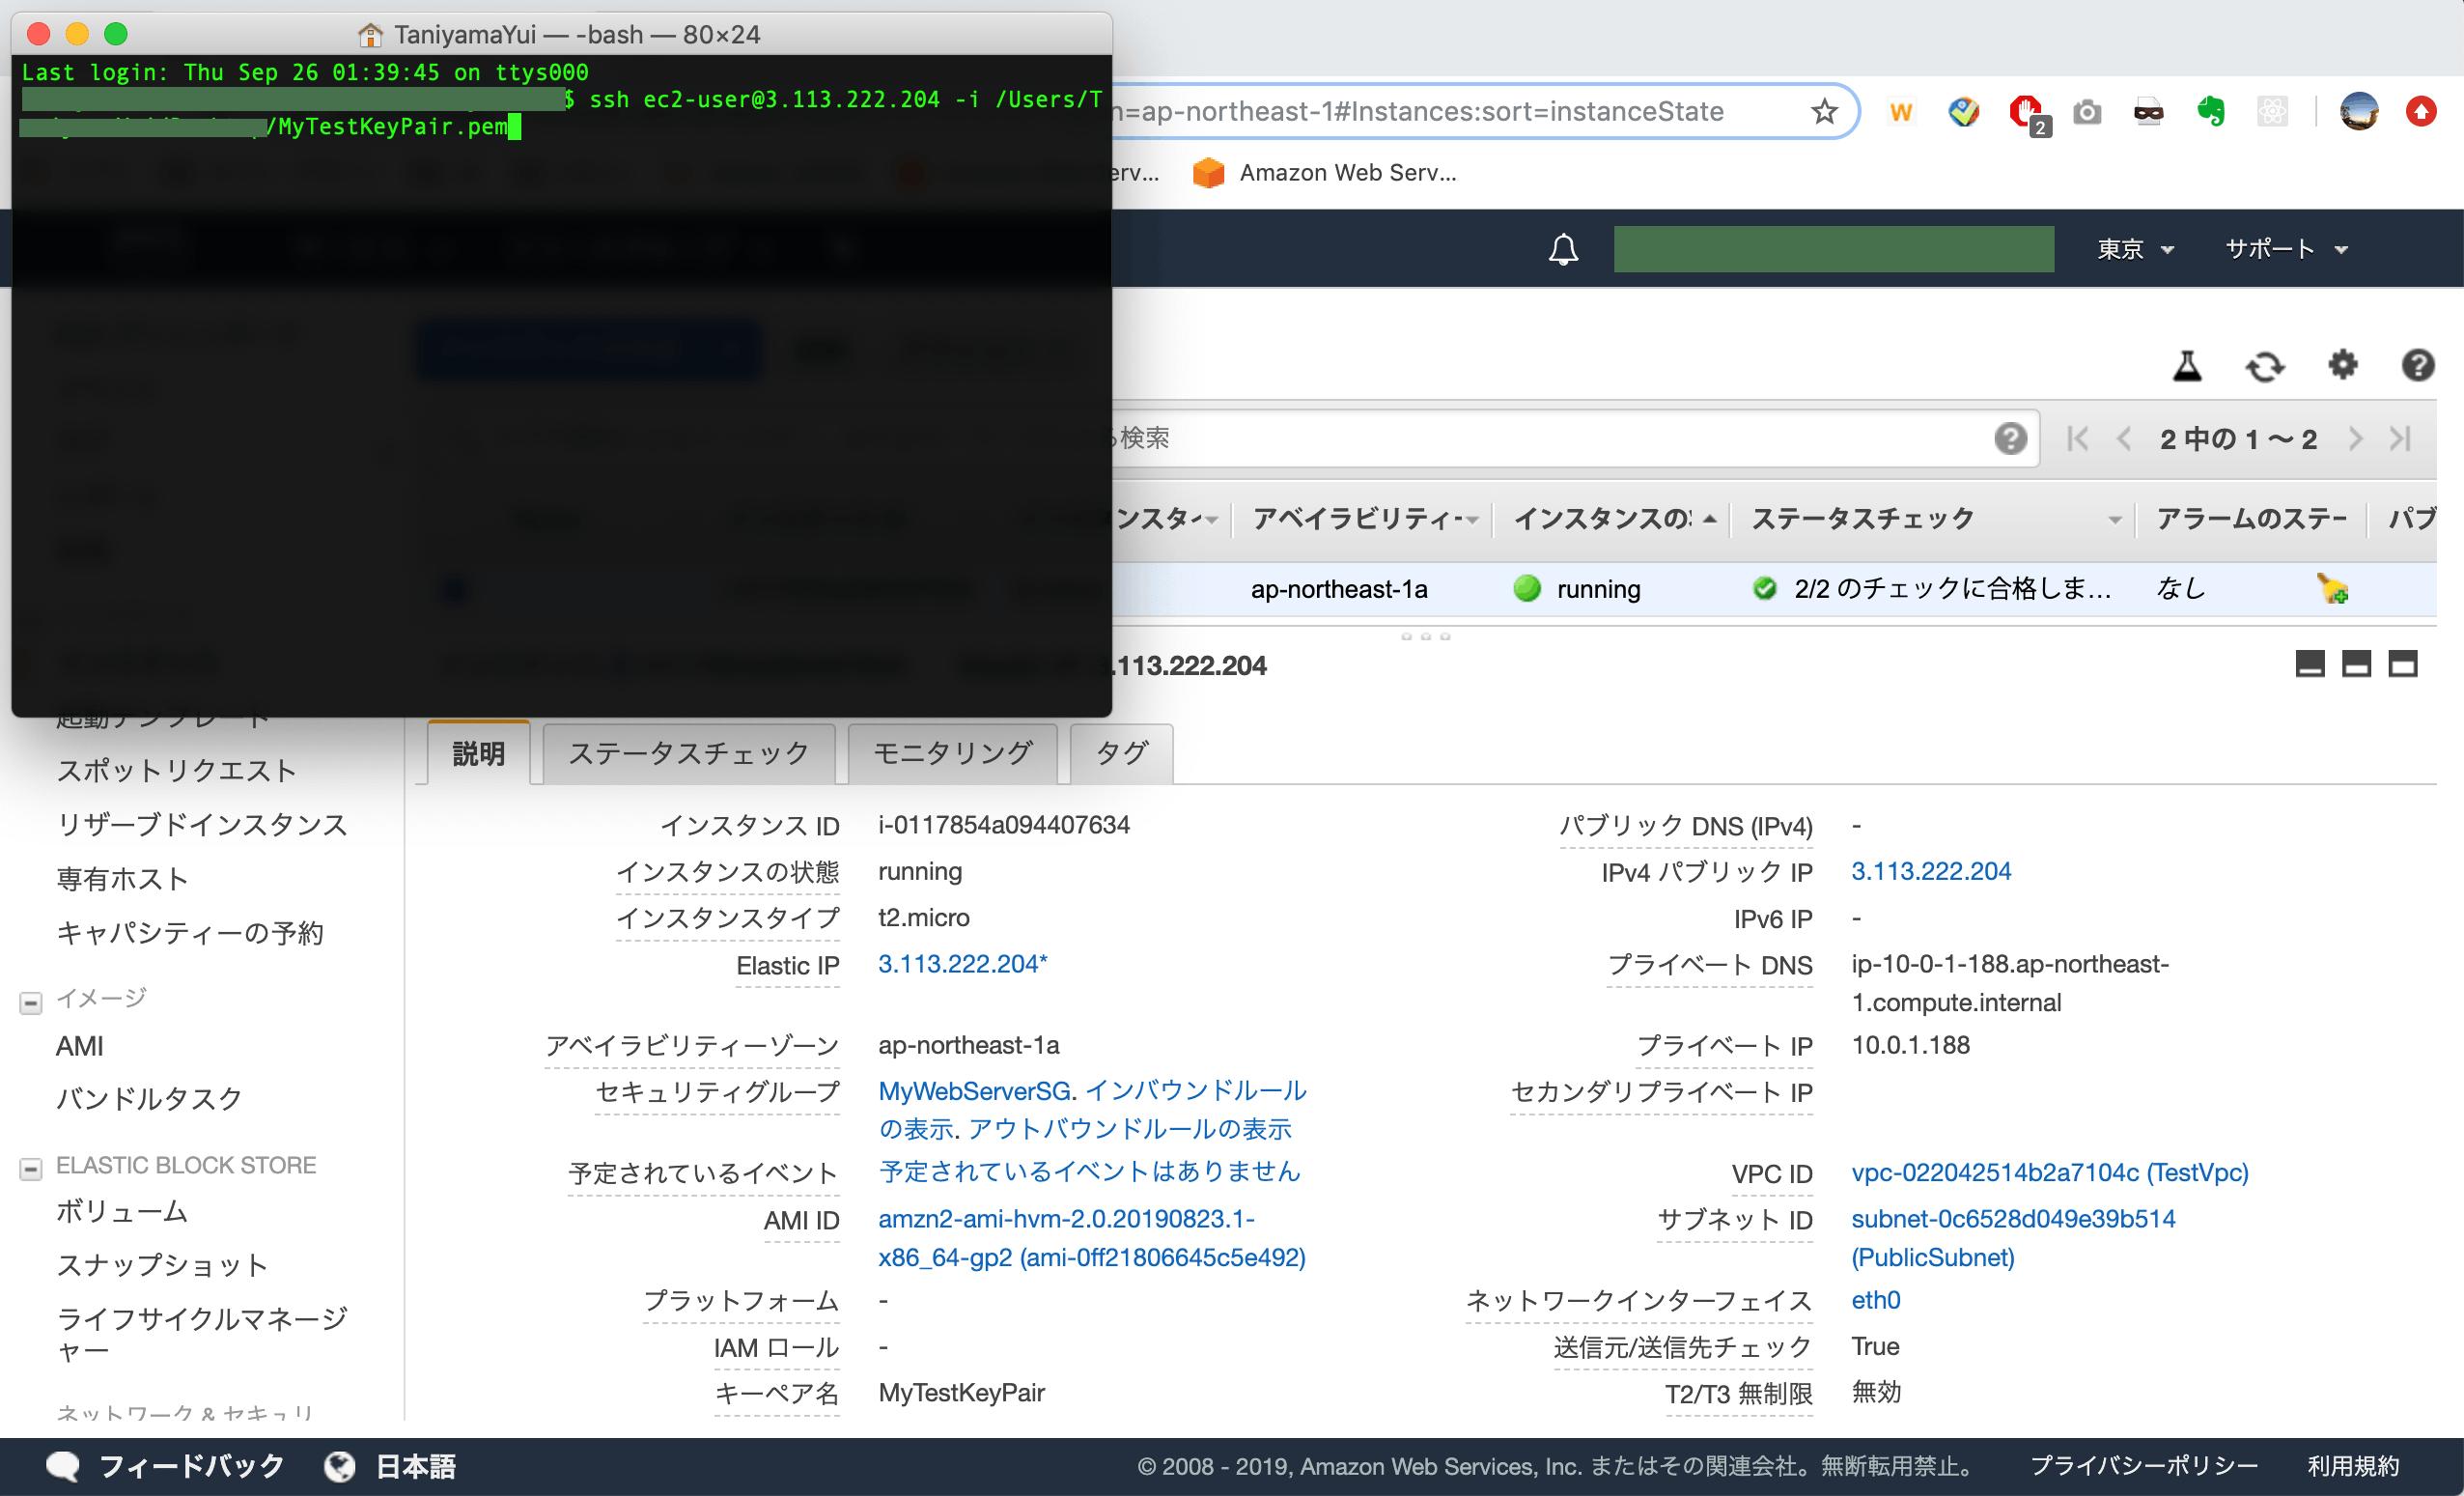 スクリーンショット 2019-09-26 1.41.21.png